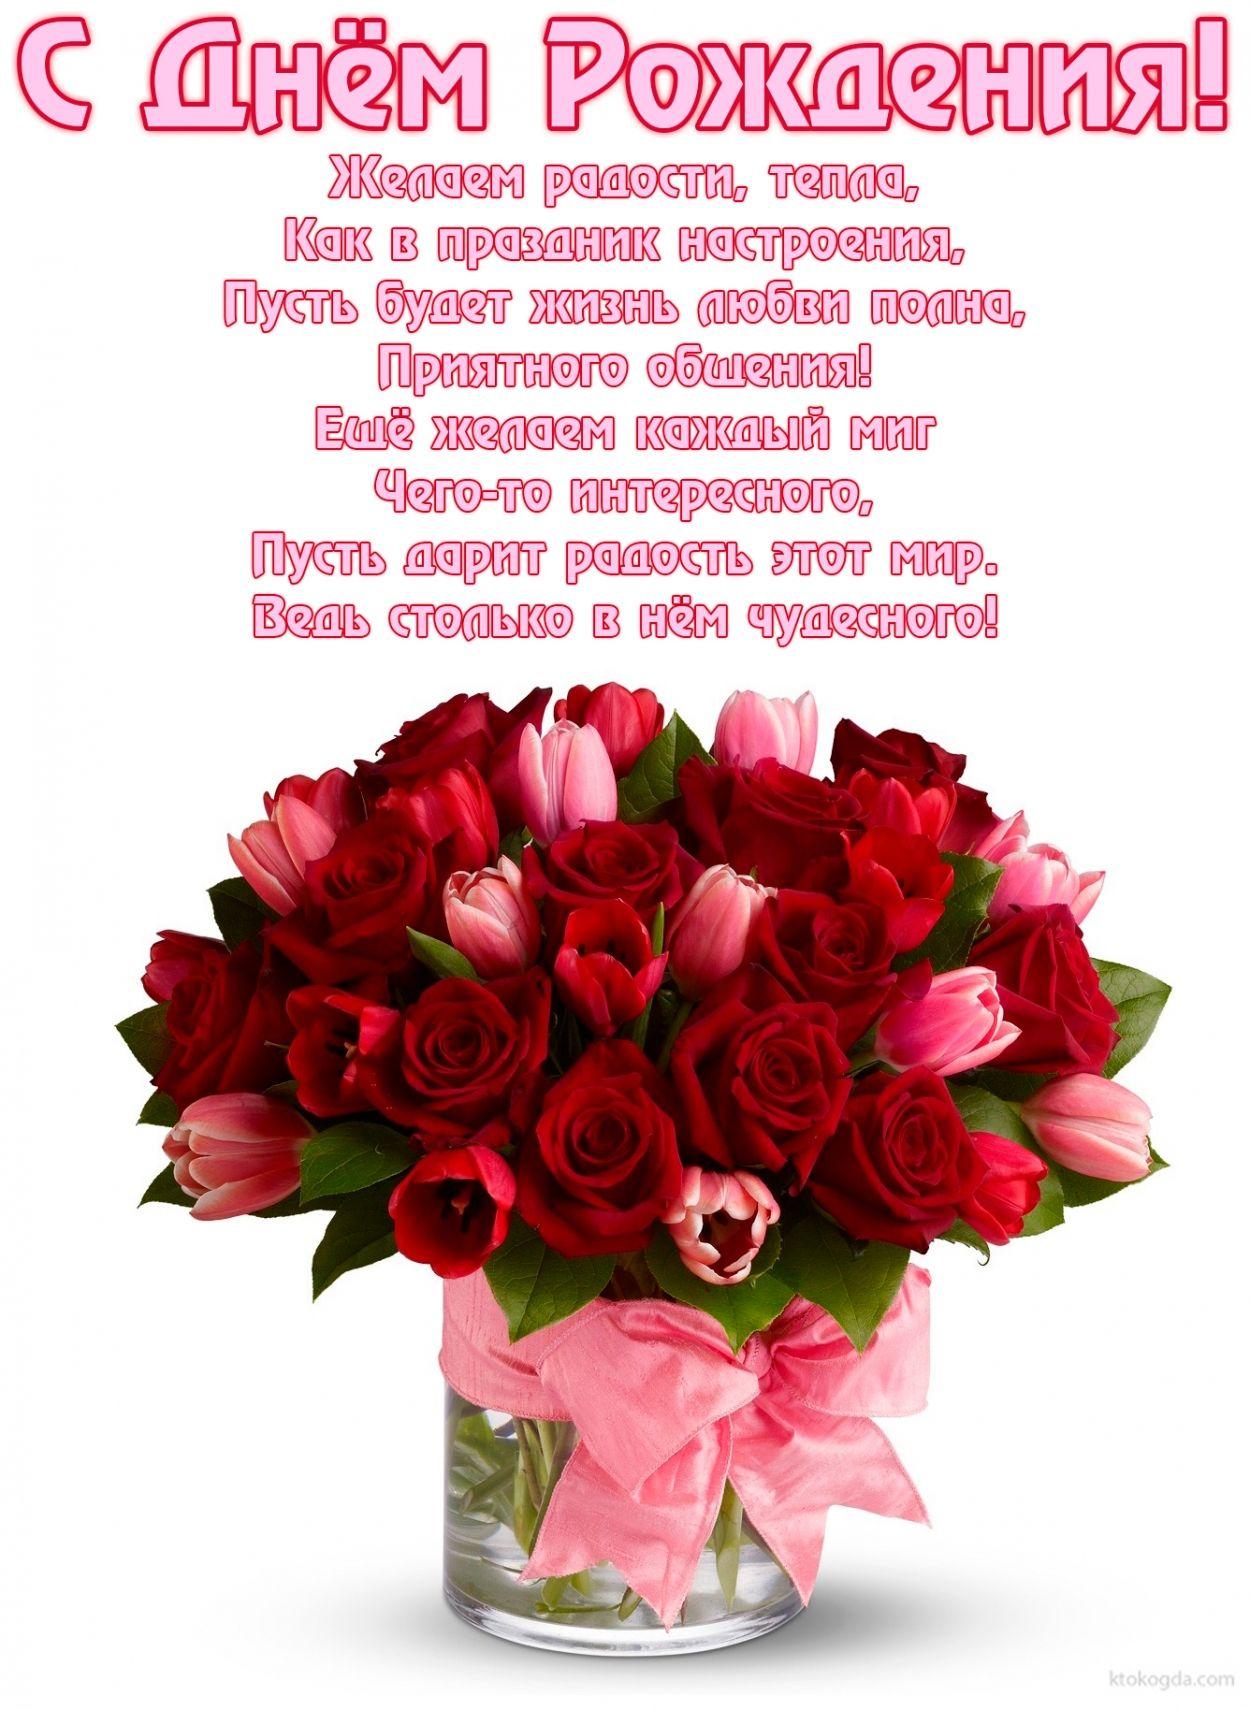 Поздравления с юбилеем 60 лет женщине 312